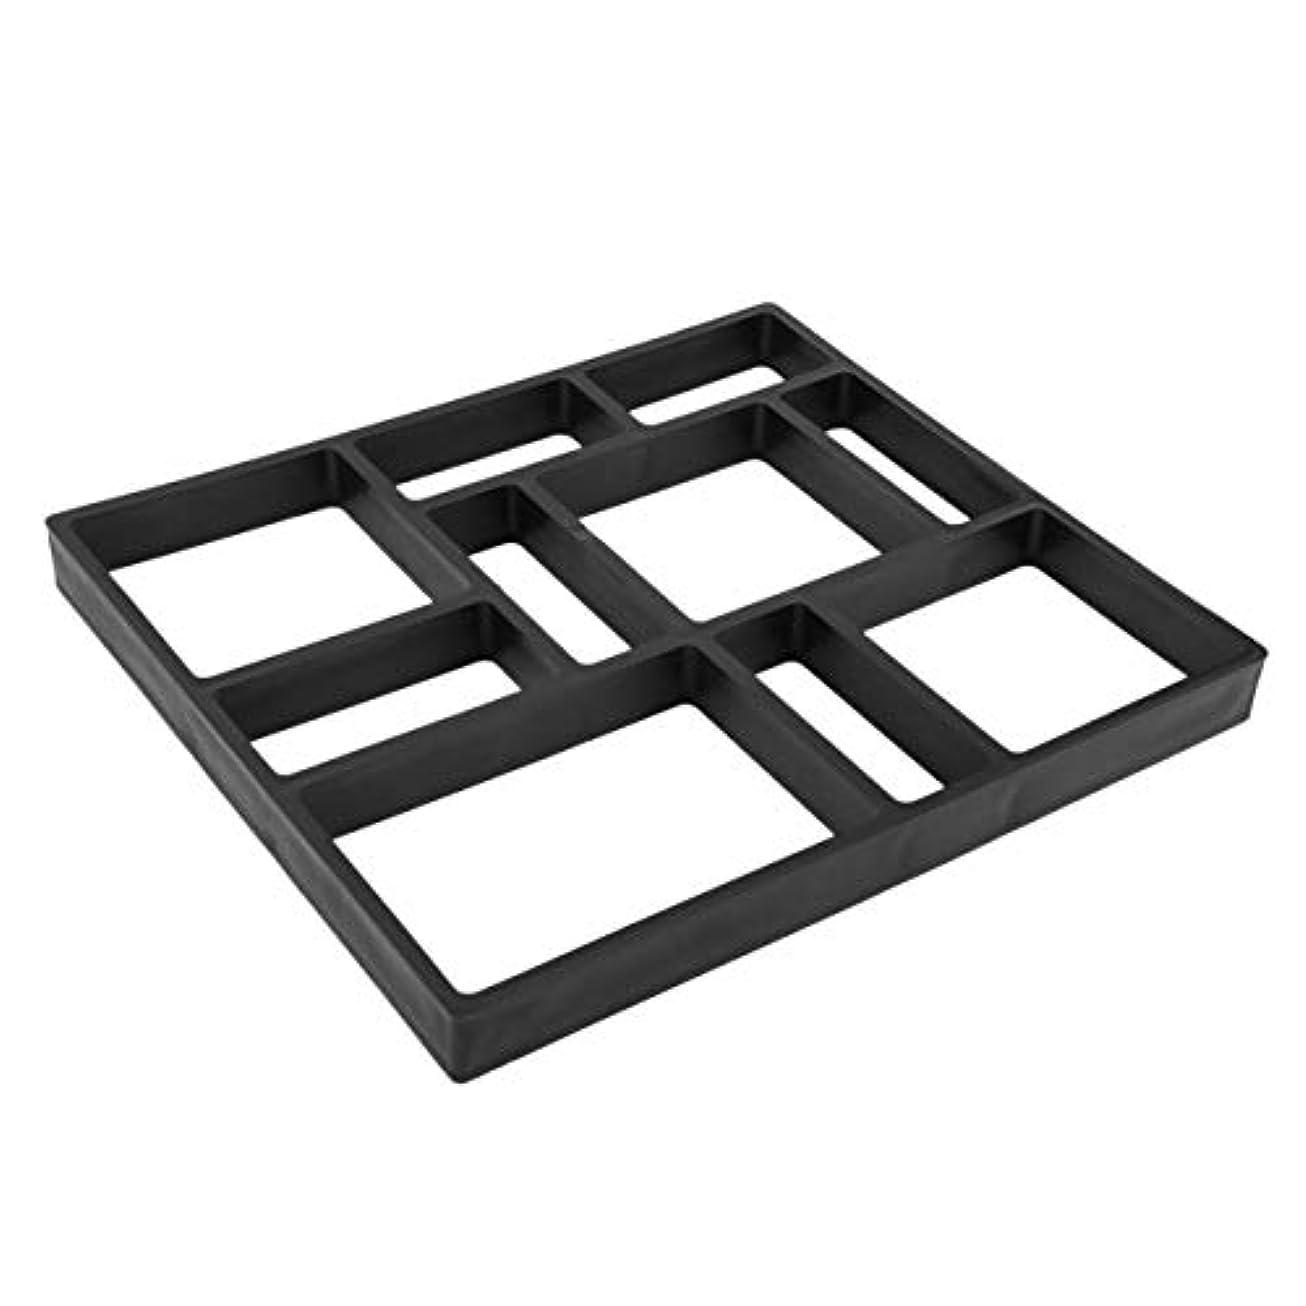 その間で全国Saikogoods DIY不規則な/矩形パターンパーソナライズされた舗装のコンクリートレンガ石屋外装飾庭パスのメーカー芝生 黒